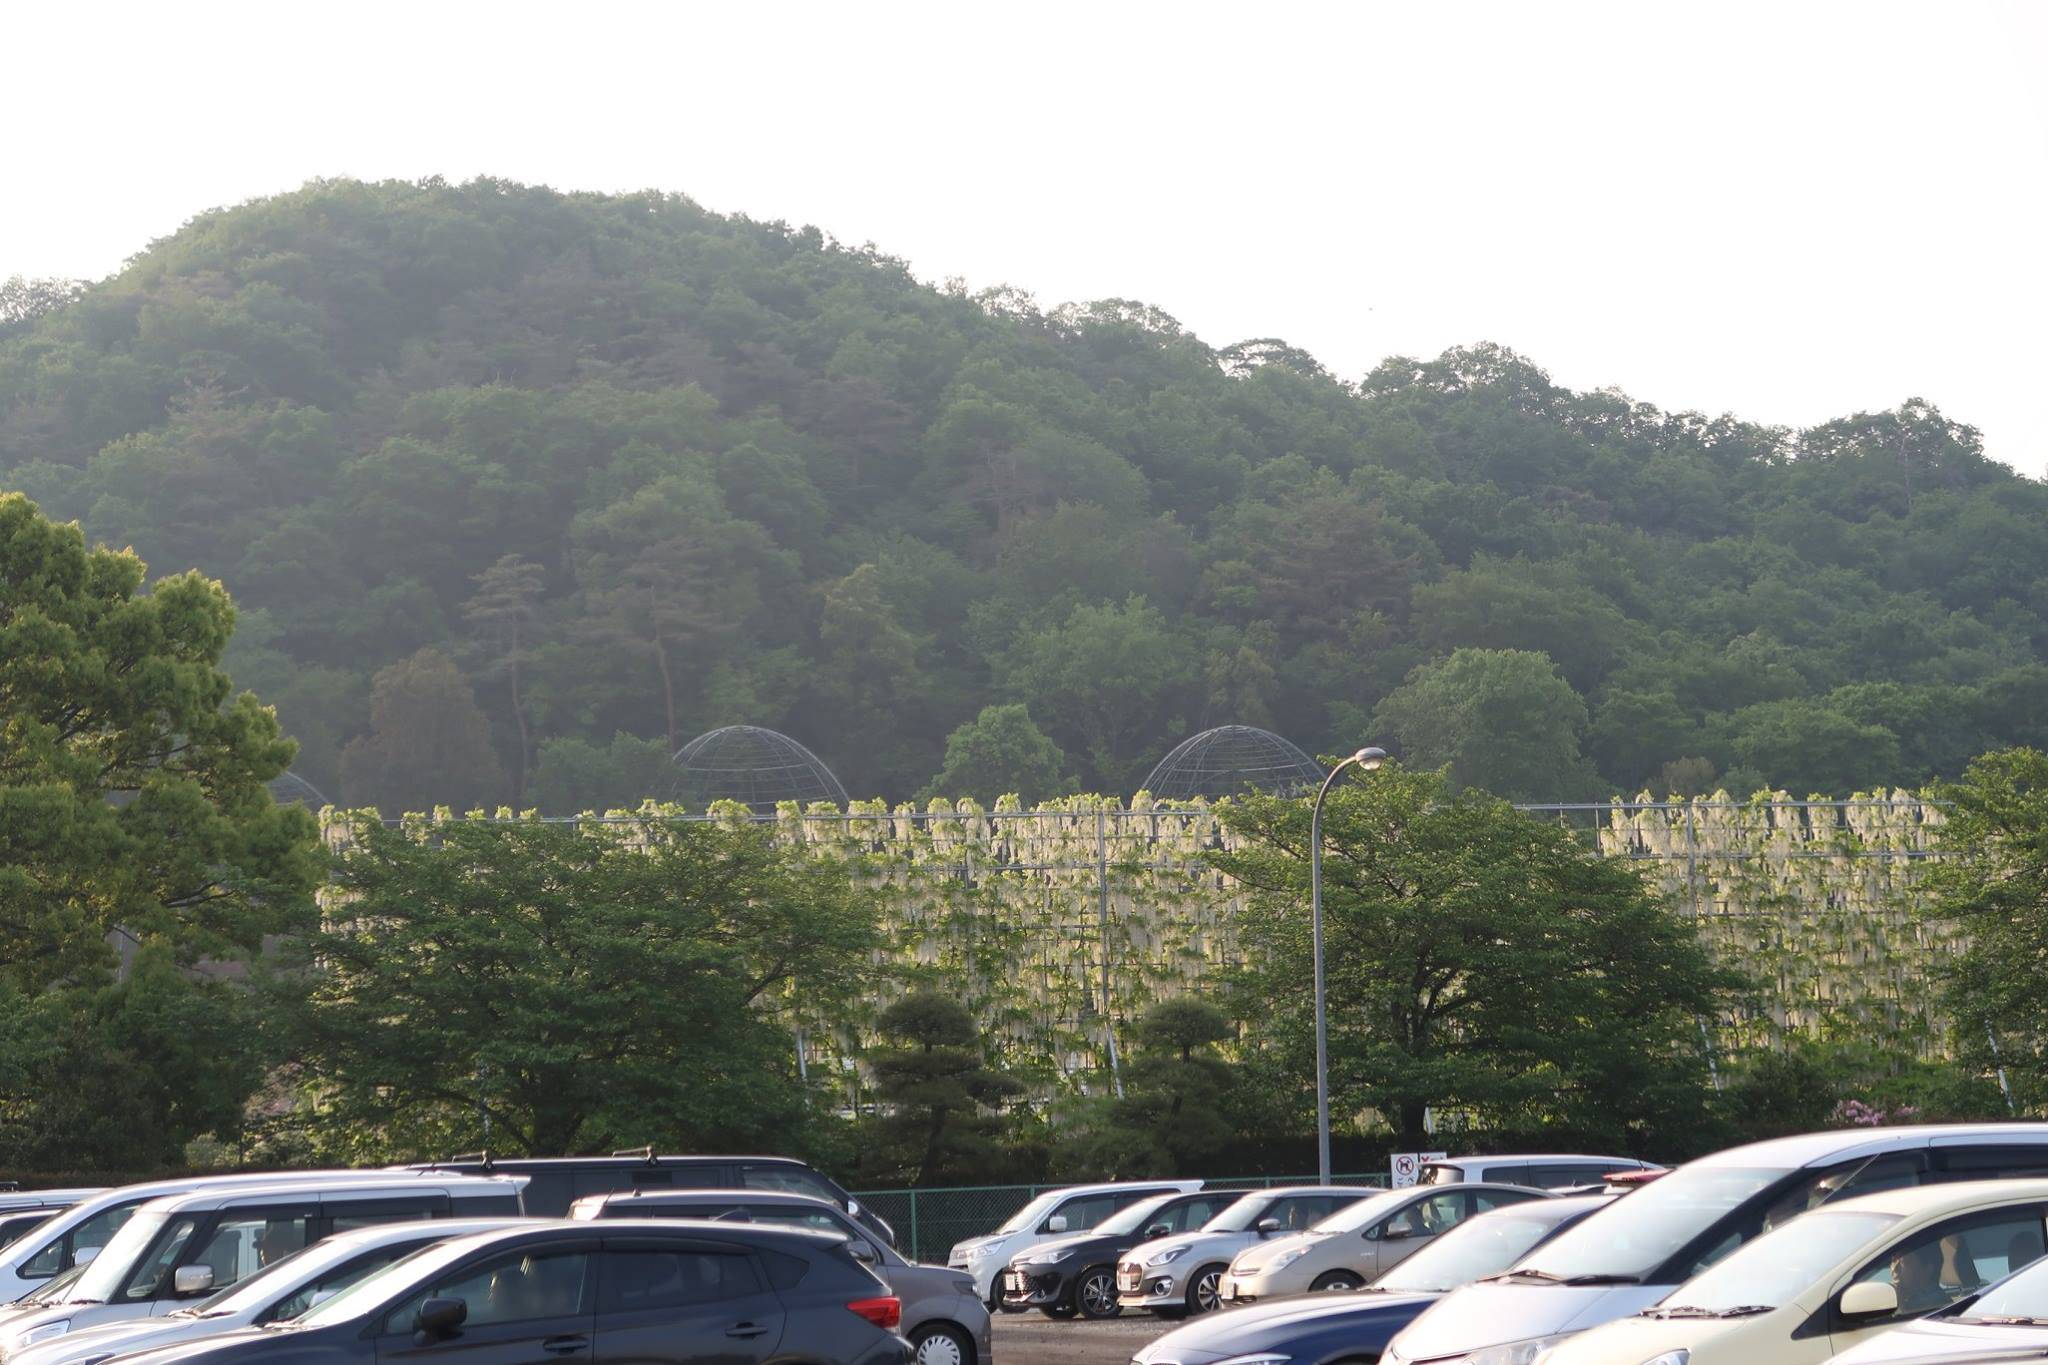 あしかがフラワーパーク 駐車場 混雑